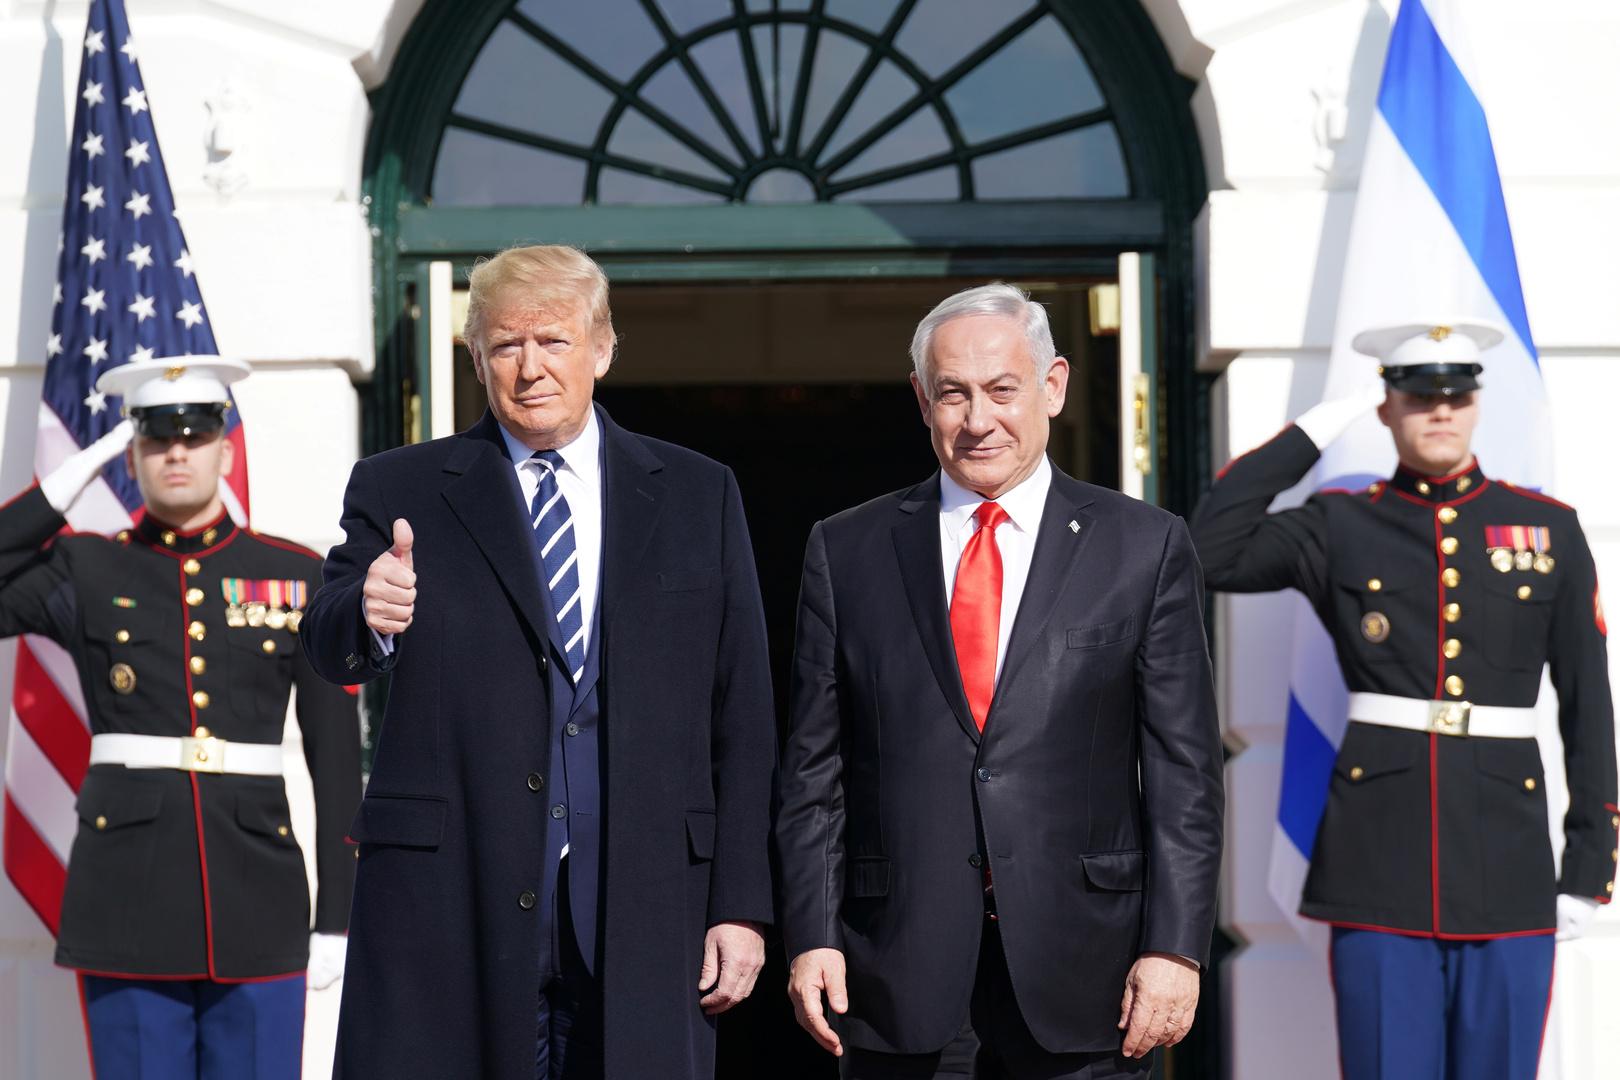 الرئيس الأمريكي، دونالد ترامب، خلال استقباله في البيت الأبيض رئيس حكومة تصريف الأعمال الإسرائيلية، بنيامين نتنياهو (27 يناير 2020).